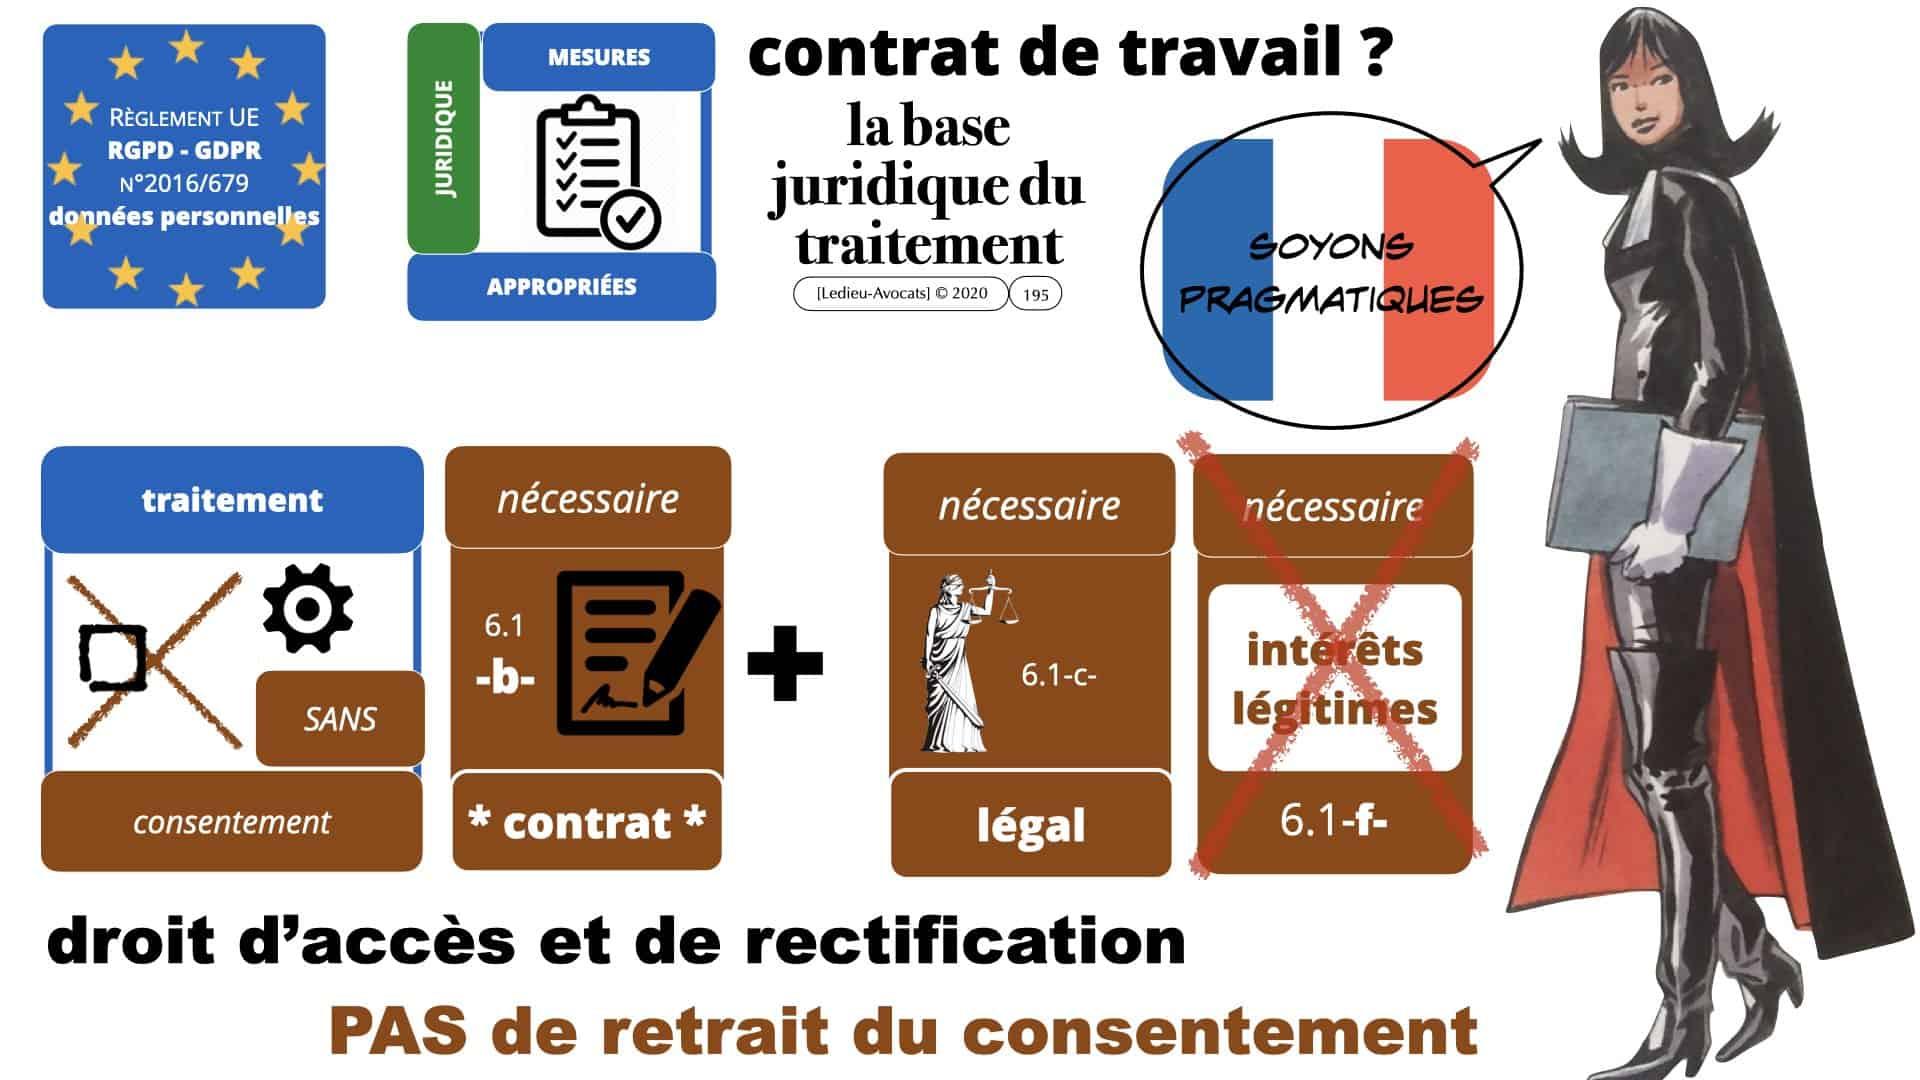 RGPD e-Privacy données personnelles jurisprudence formation Lamy Les Echos 10-02-2021 ©Ledieu-Avocats.195